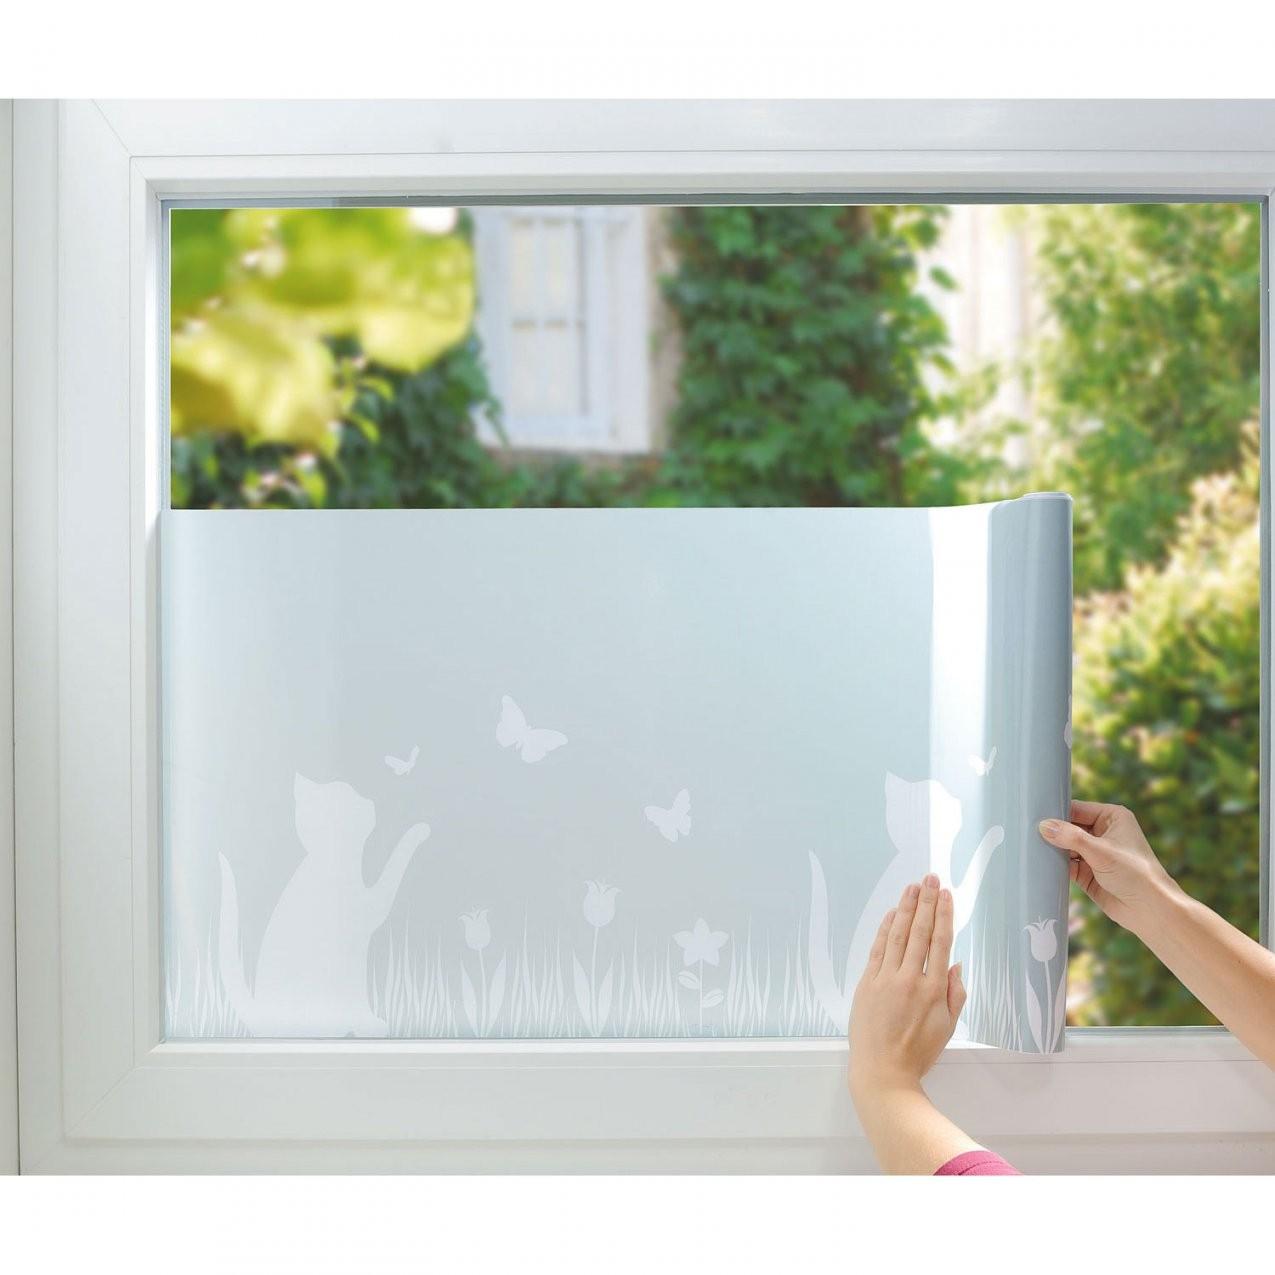 Folie Für Fenster Ansprechend Auf Kreative Deko Ideen Mit 25 Best von Fensterfolie Sichtschutz Bad Photo